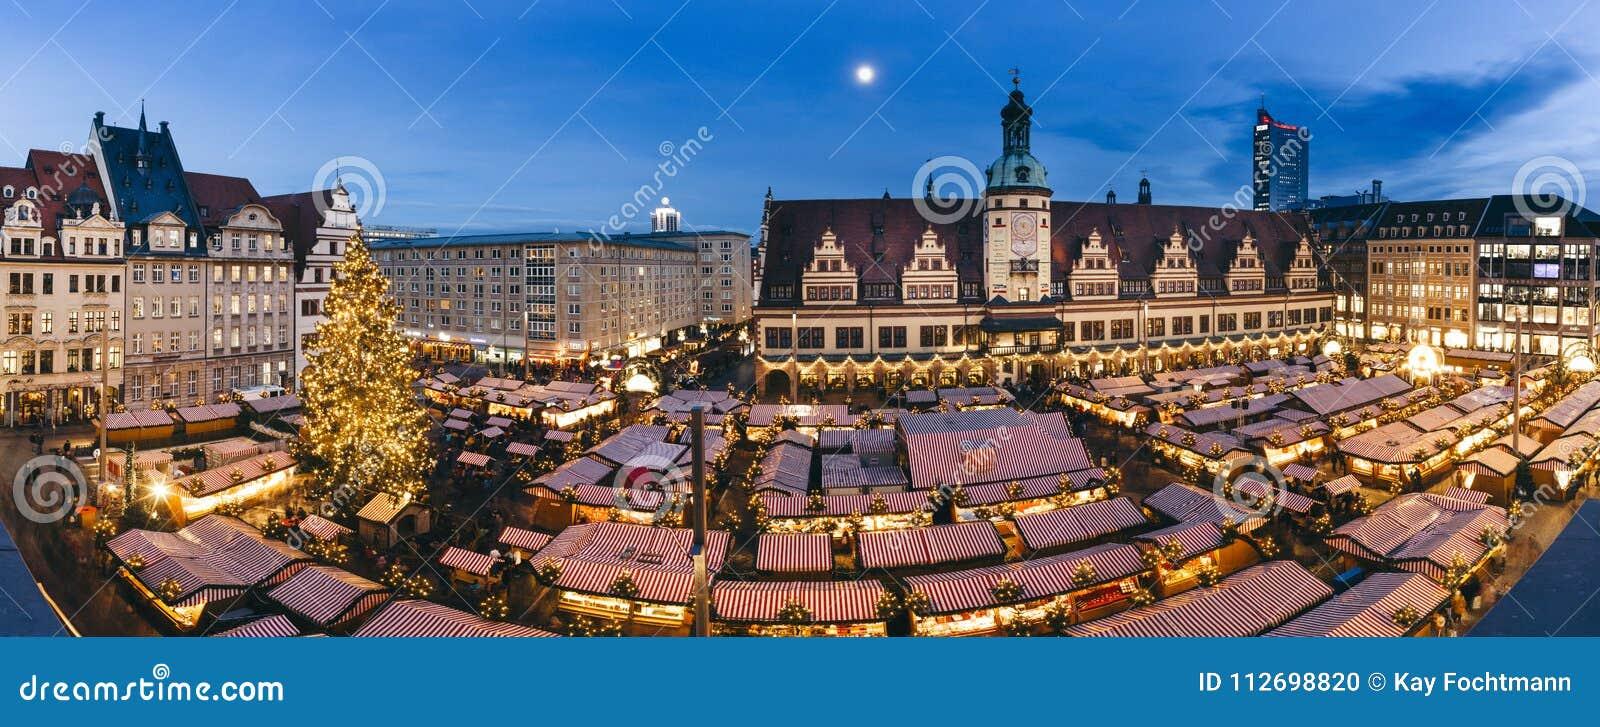 Place centrale de Leipzig, Allemagne, avec le marché de Noël